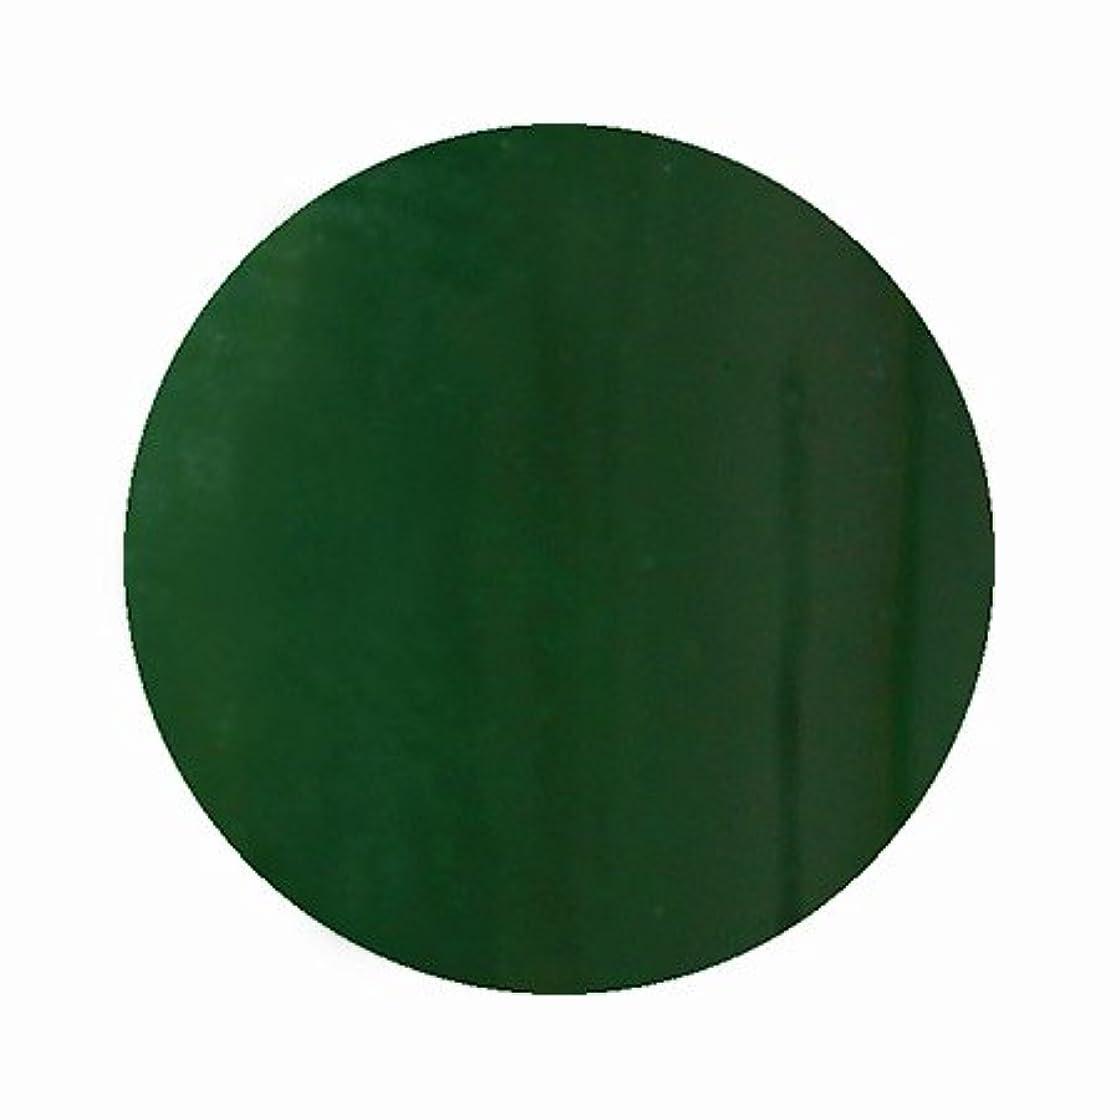 ホイスト道を作るささやきパラポリッシュ ハイブリッドカラージェル V9 モスグリーン 7g